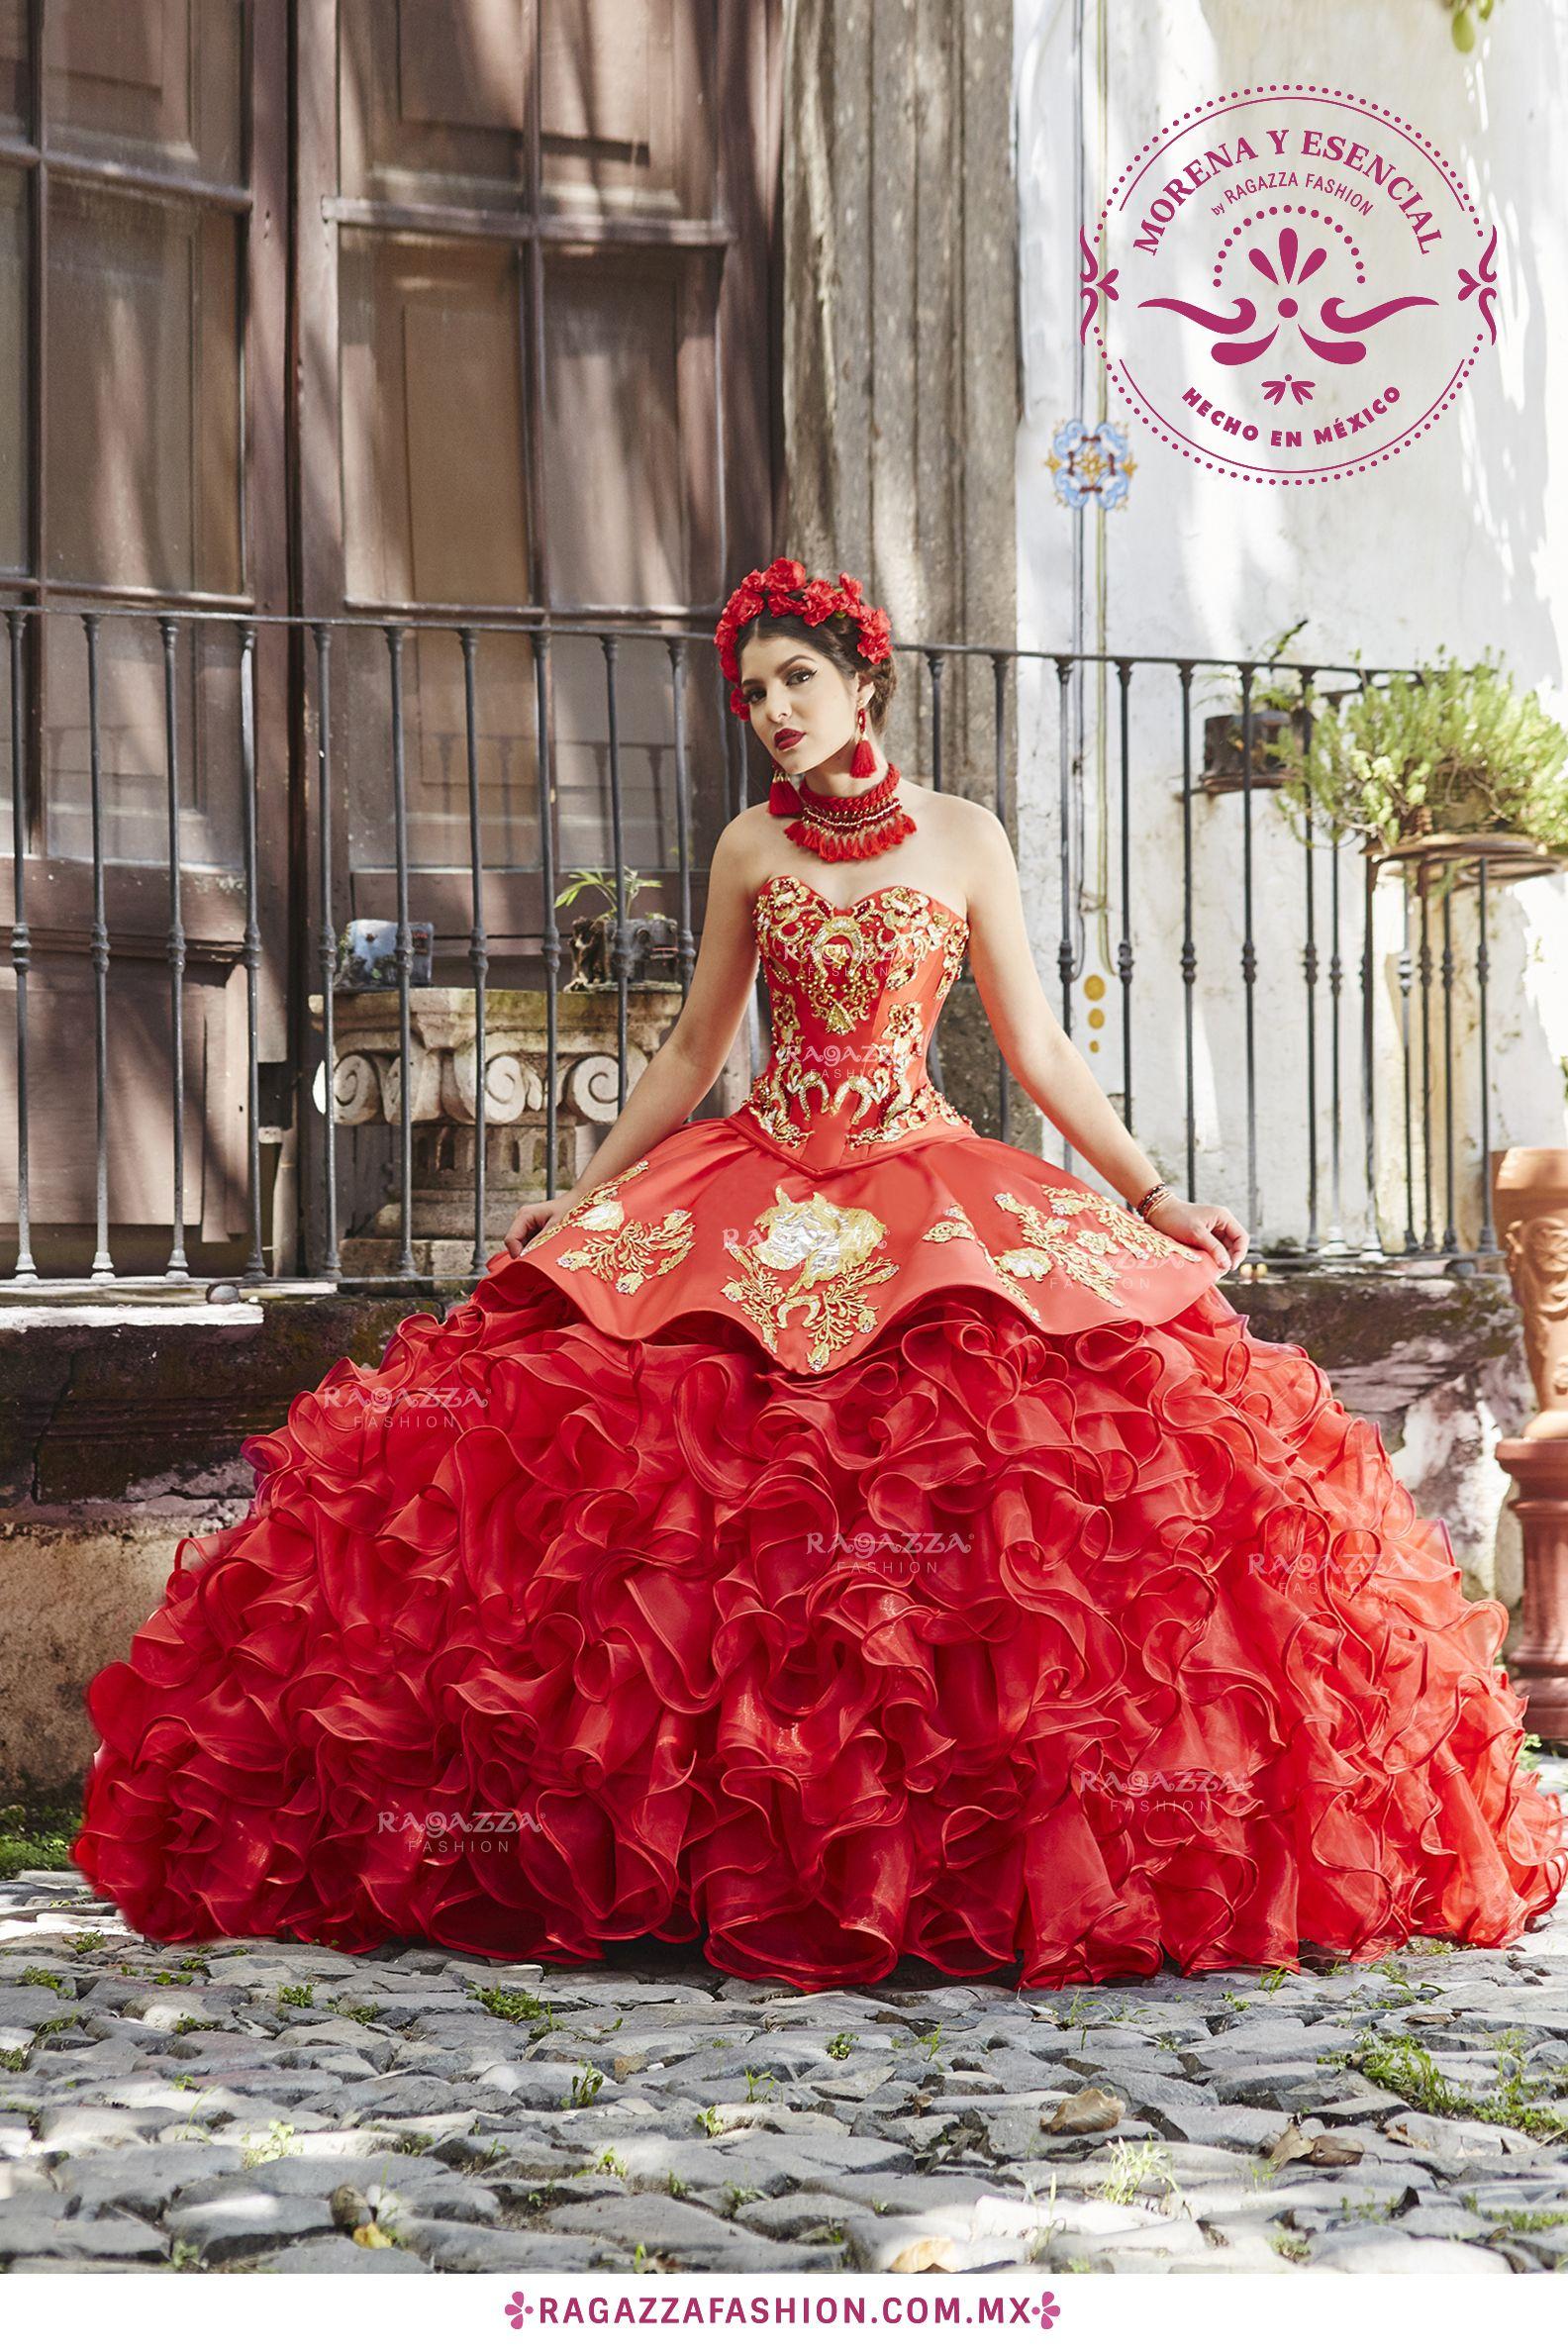 cd7a8ff61  RagazzaFashion  NuevaColección  MorenaYEsencial  HechoEnMéxico   VestidosDeQuince  VestidosMéxicanos  Quinceañera  MexicanDresses   VestidosDeXV ...